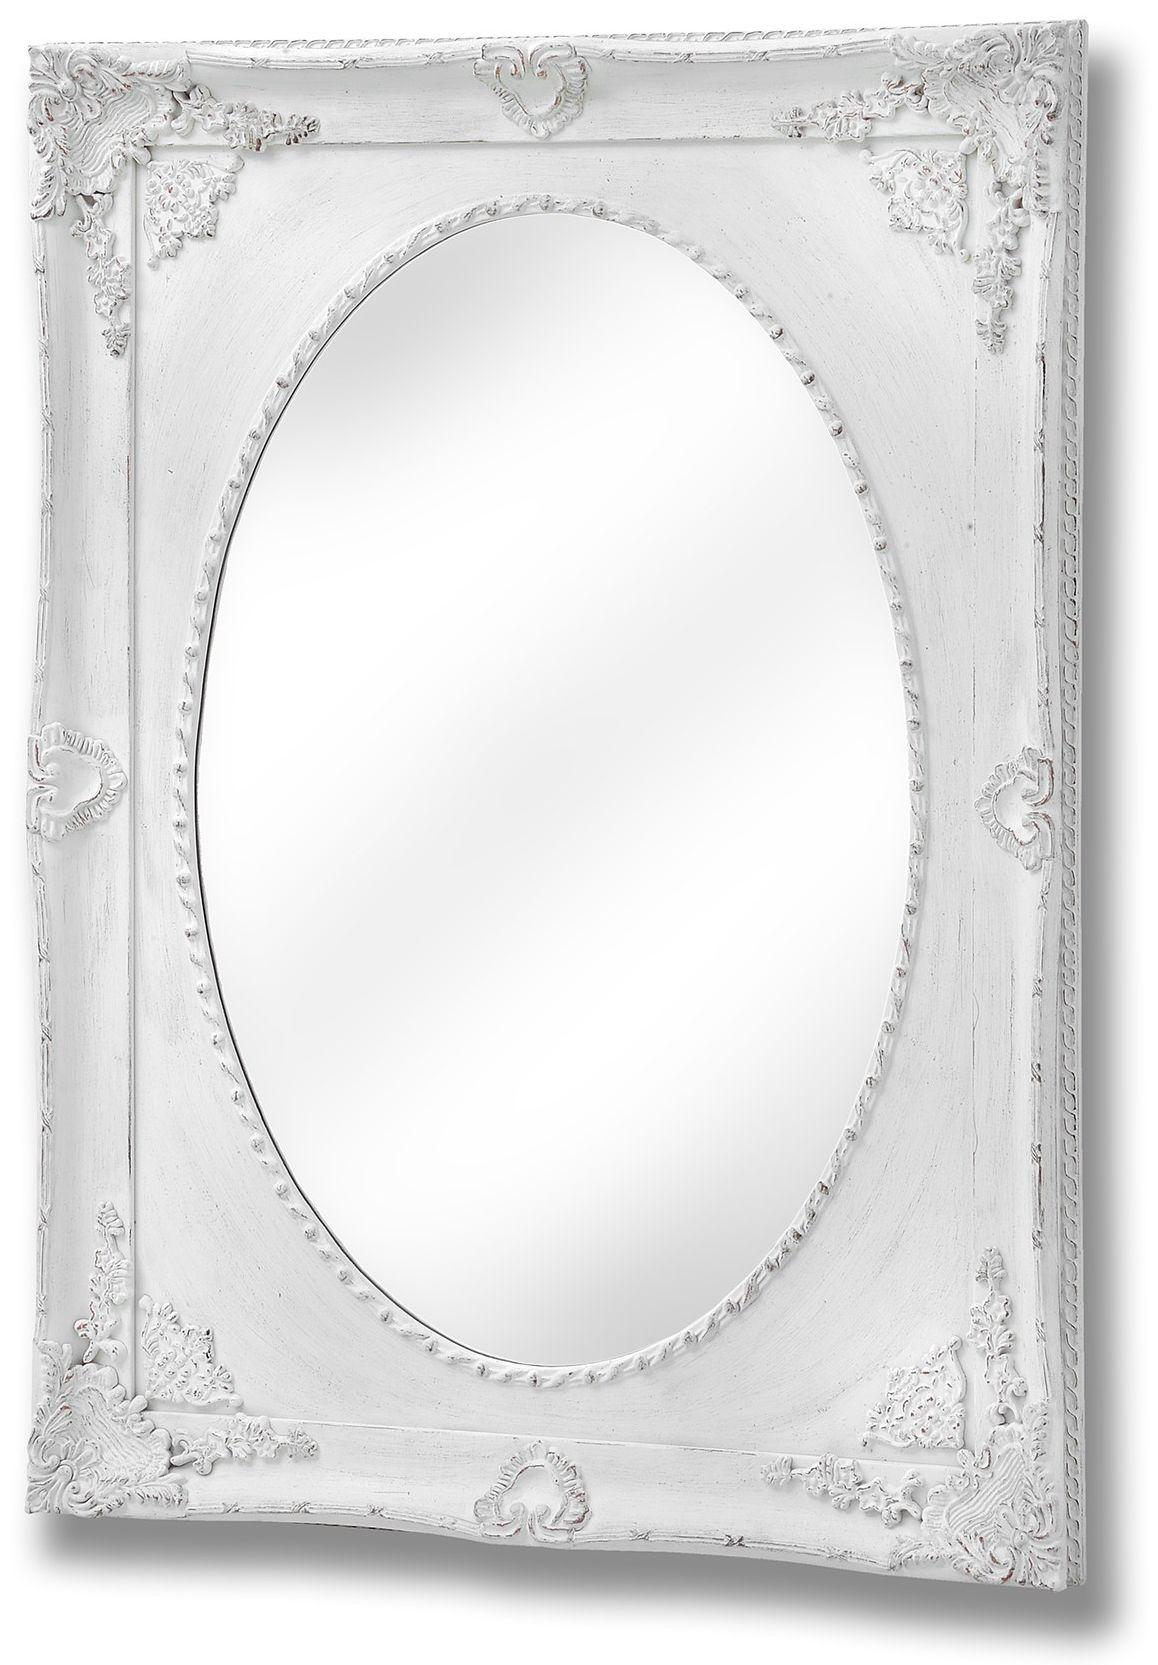 Hill Interiors Ornate Antique White Oval Mirror